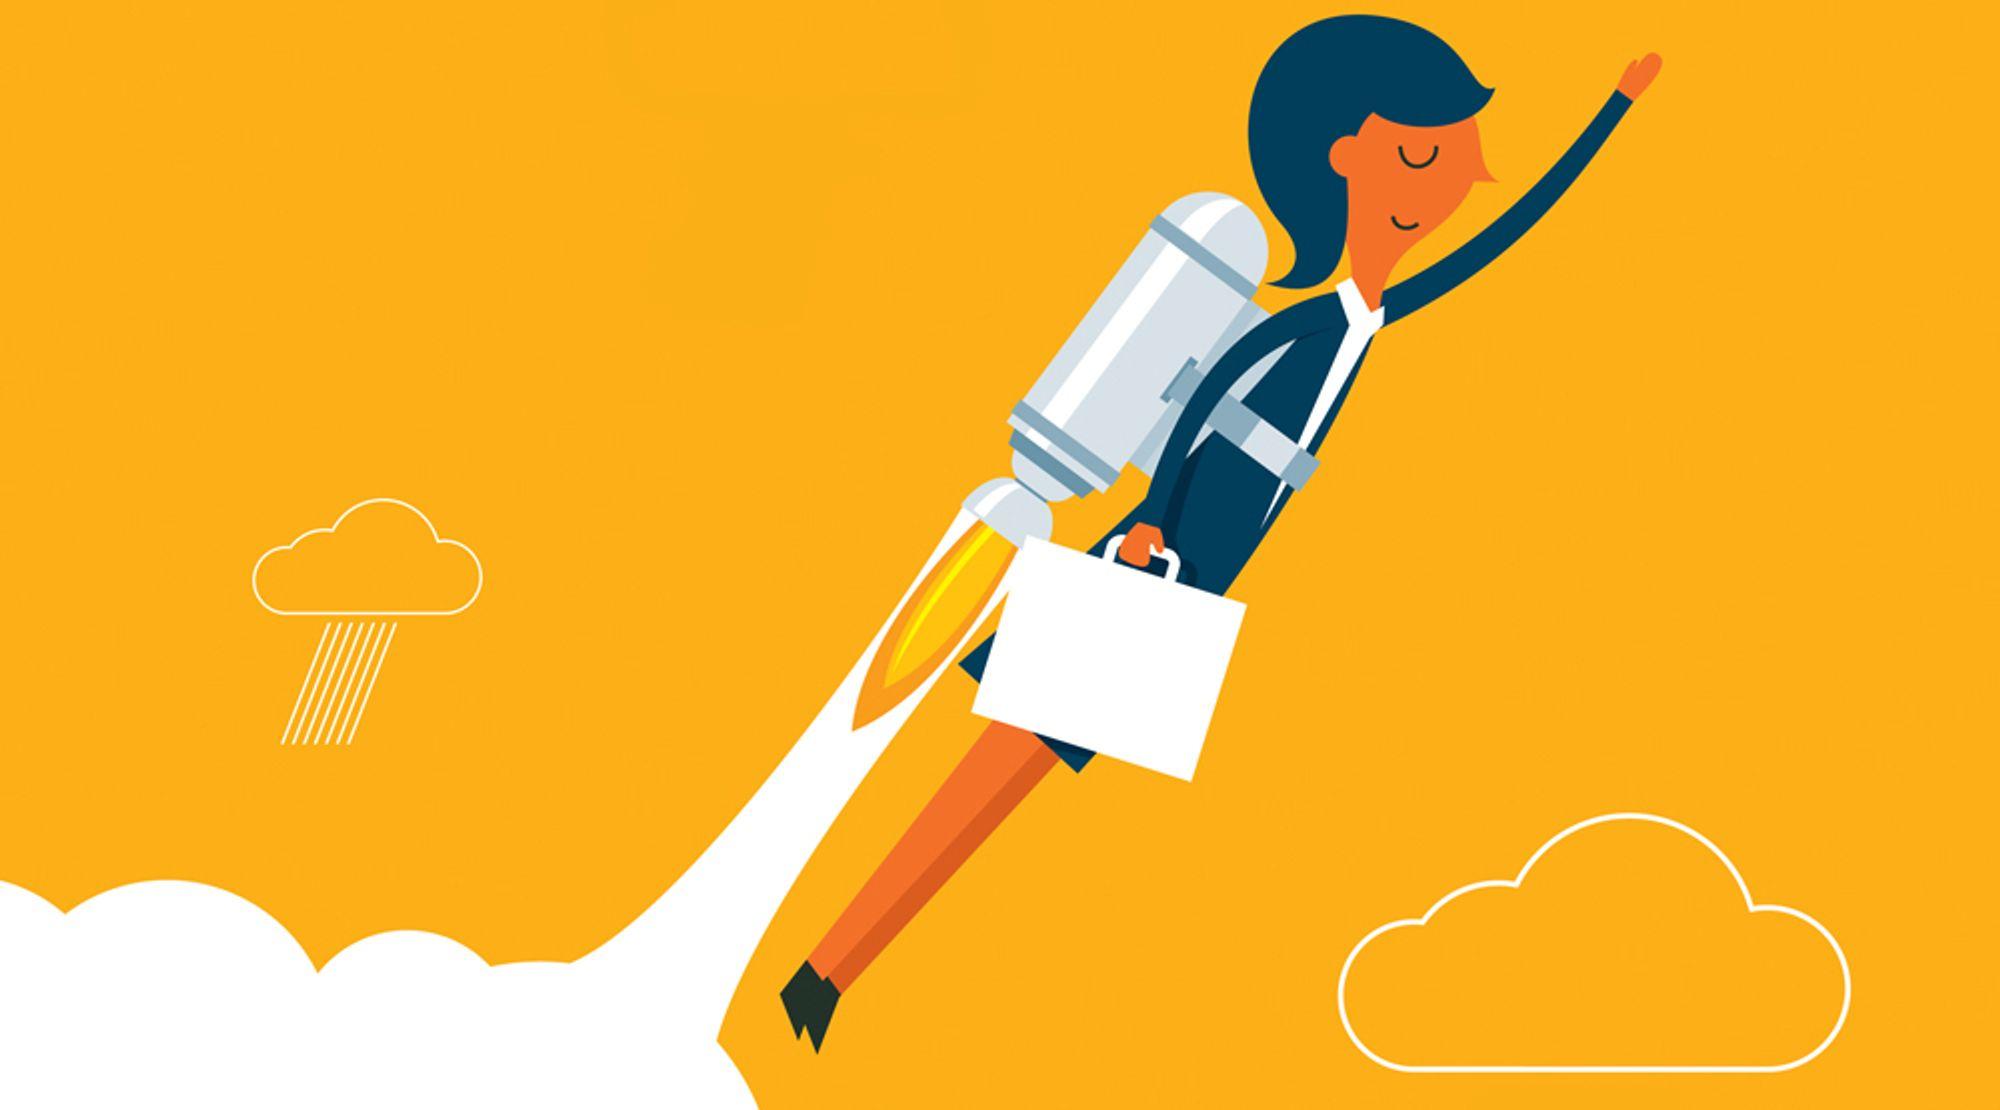 Fagfolk med flest produktivitetspoeng har en tendens til å gjøre det bra ved hjelp av tre dominerende vaner.